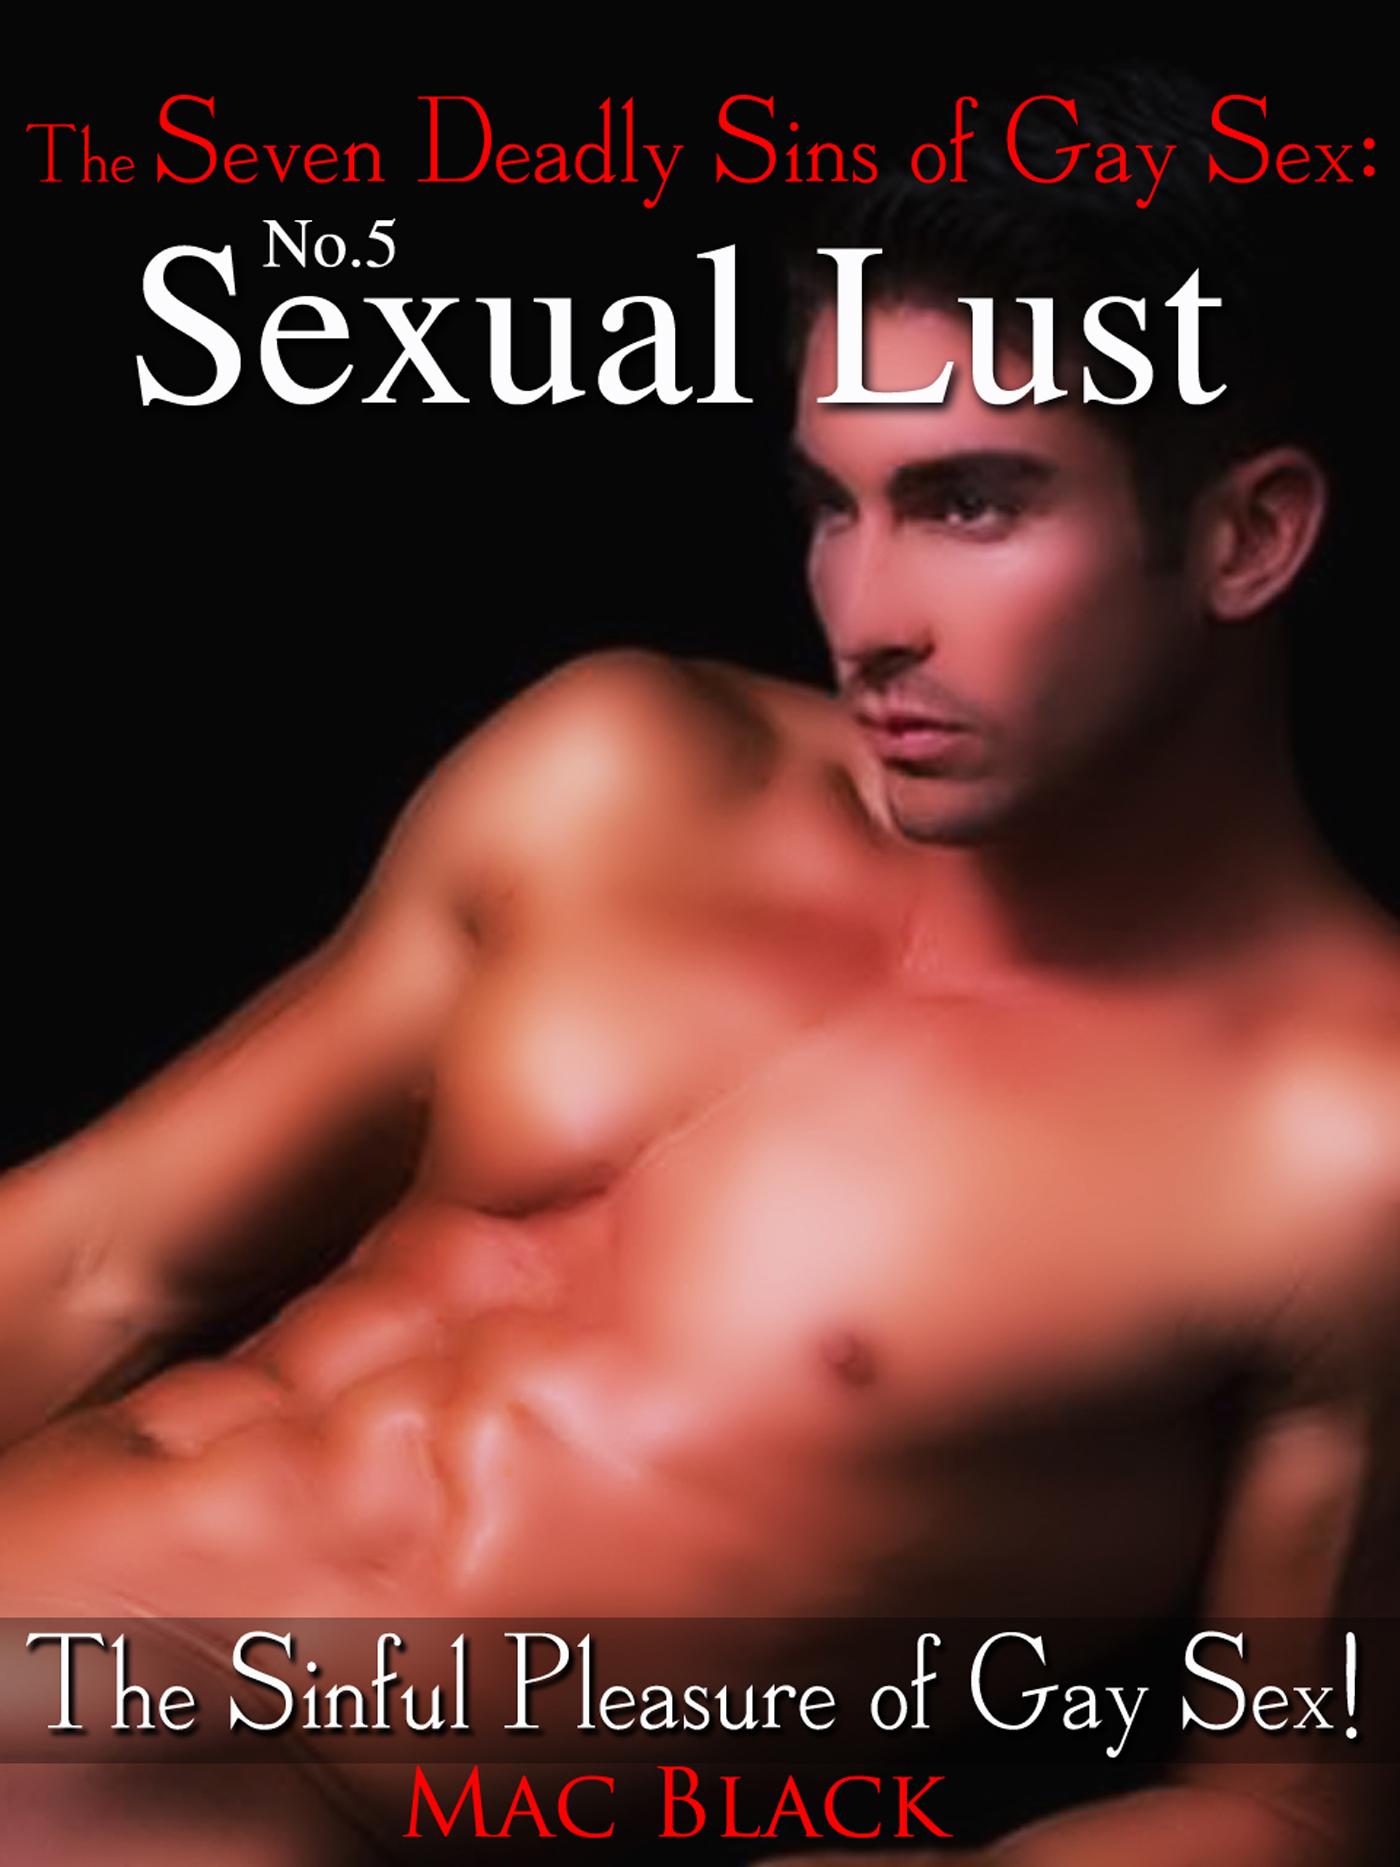 Black lust 1 gay porn gays gay cumshots swallow stud hunk 4